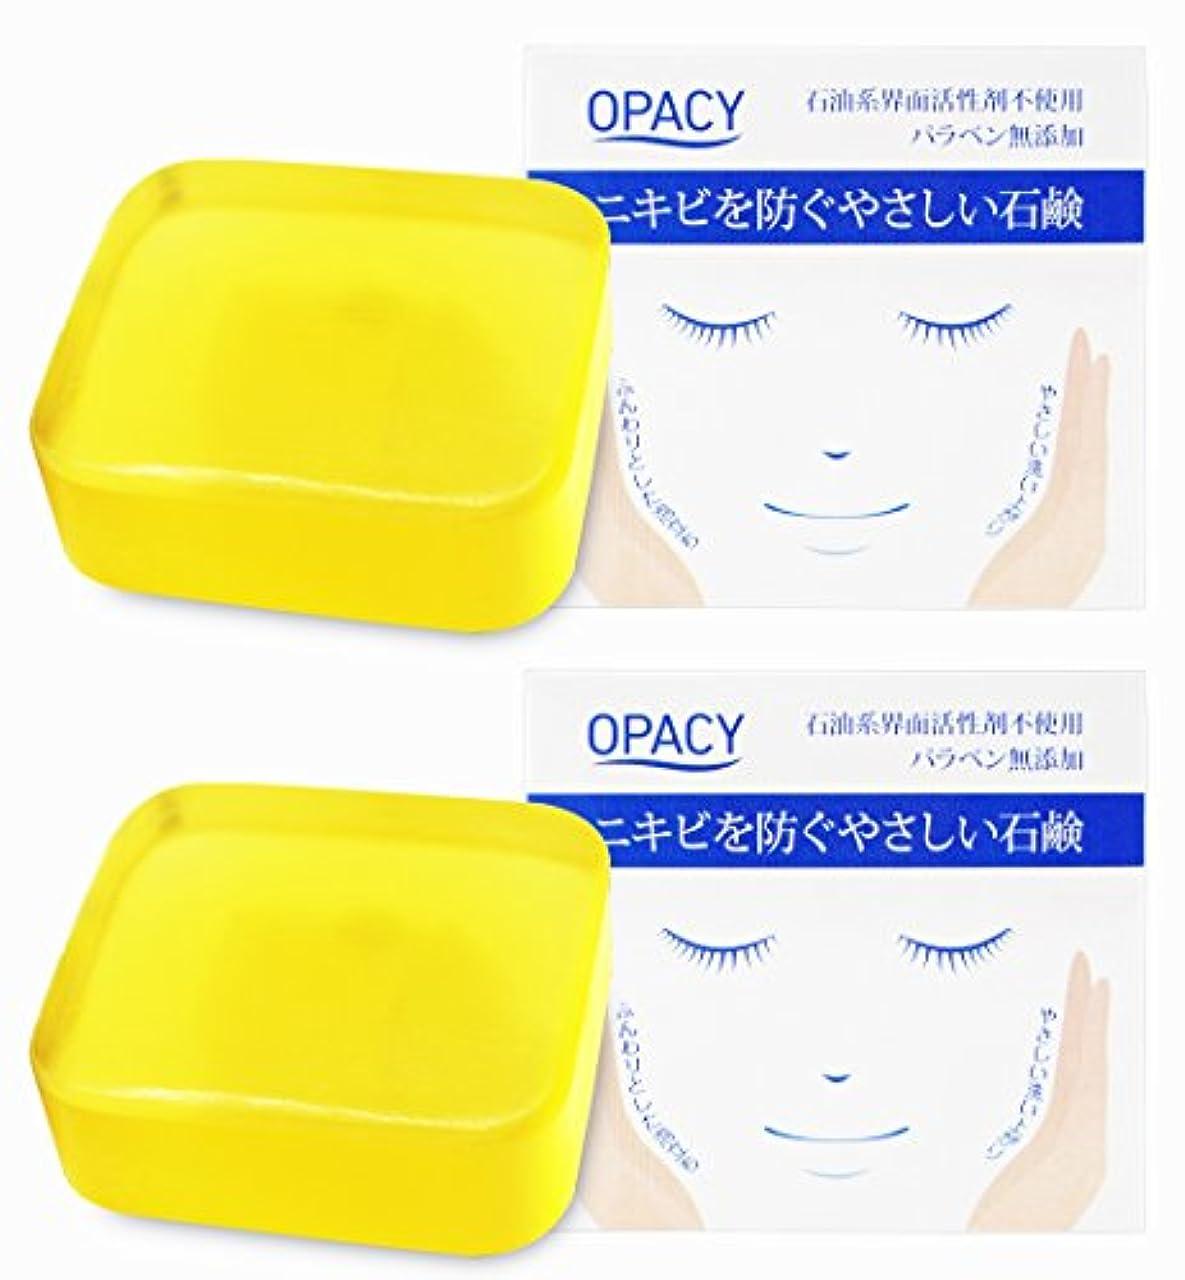 王朝ラバレーダー【2個セット】オパシー石鹸100g (2個)